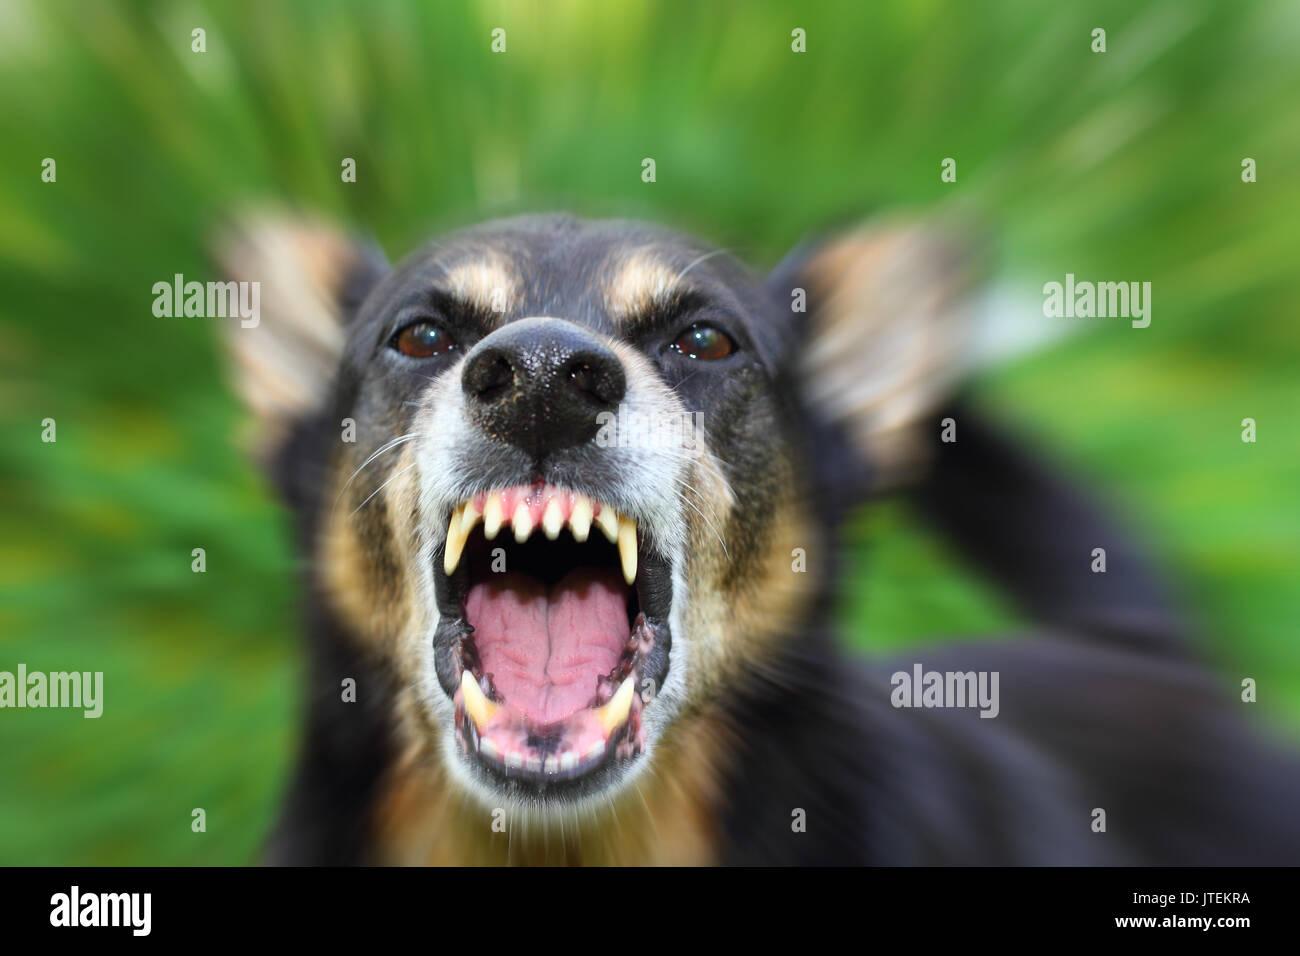 Barking enraged shepherd dog outdoors - Stock Image